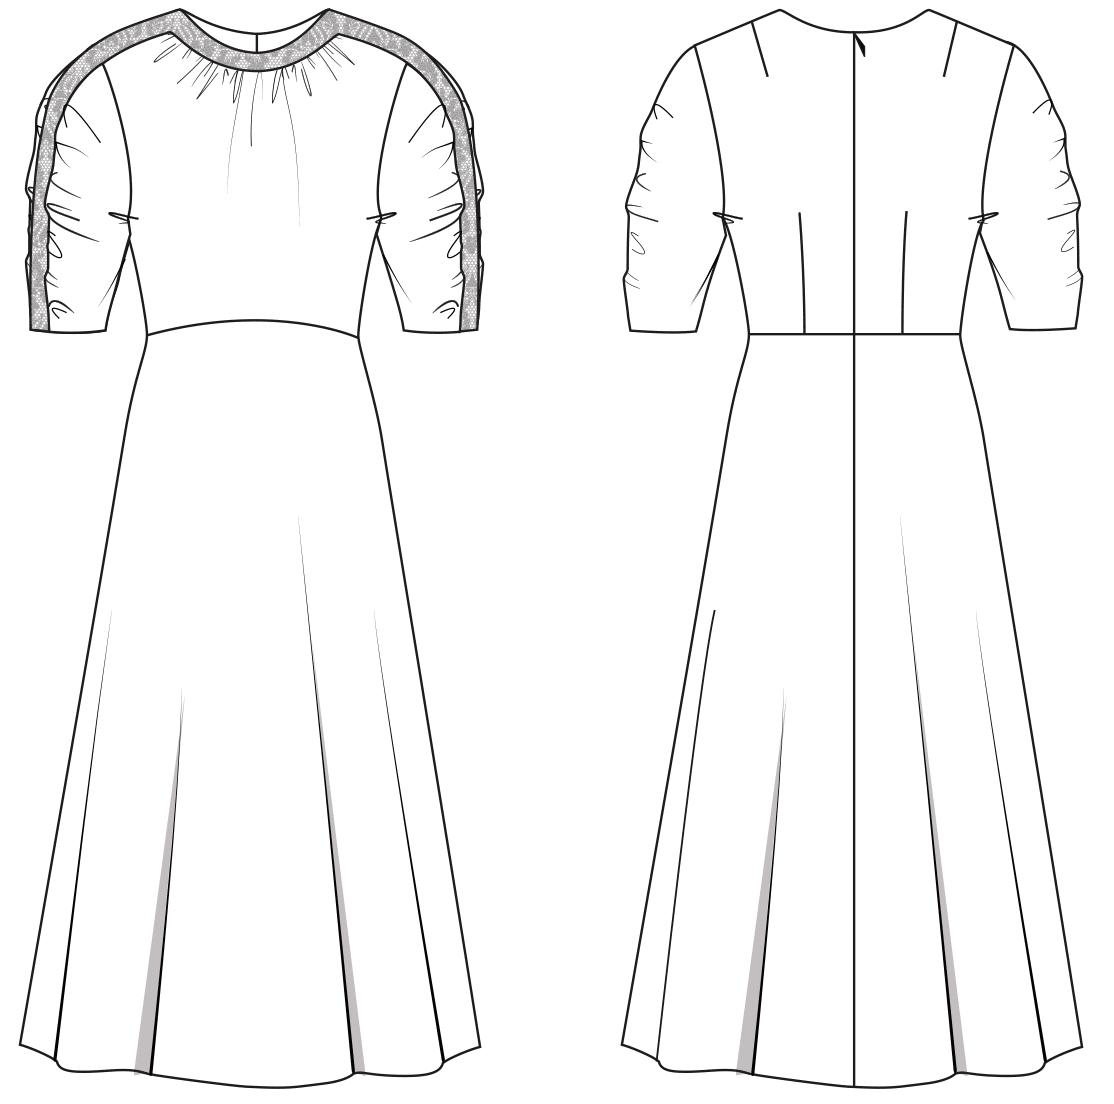 Die Abbildung zeigt die Vorder- und Rückansicht einer technischen Zeichnung. Abgebildet ist ein Kleid im Retro-Look, sie dient als Vorlage für die Schnitt-Technik.